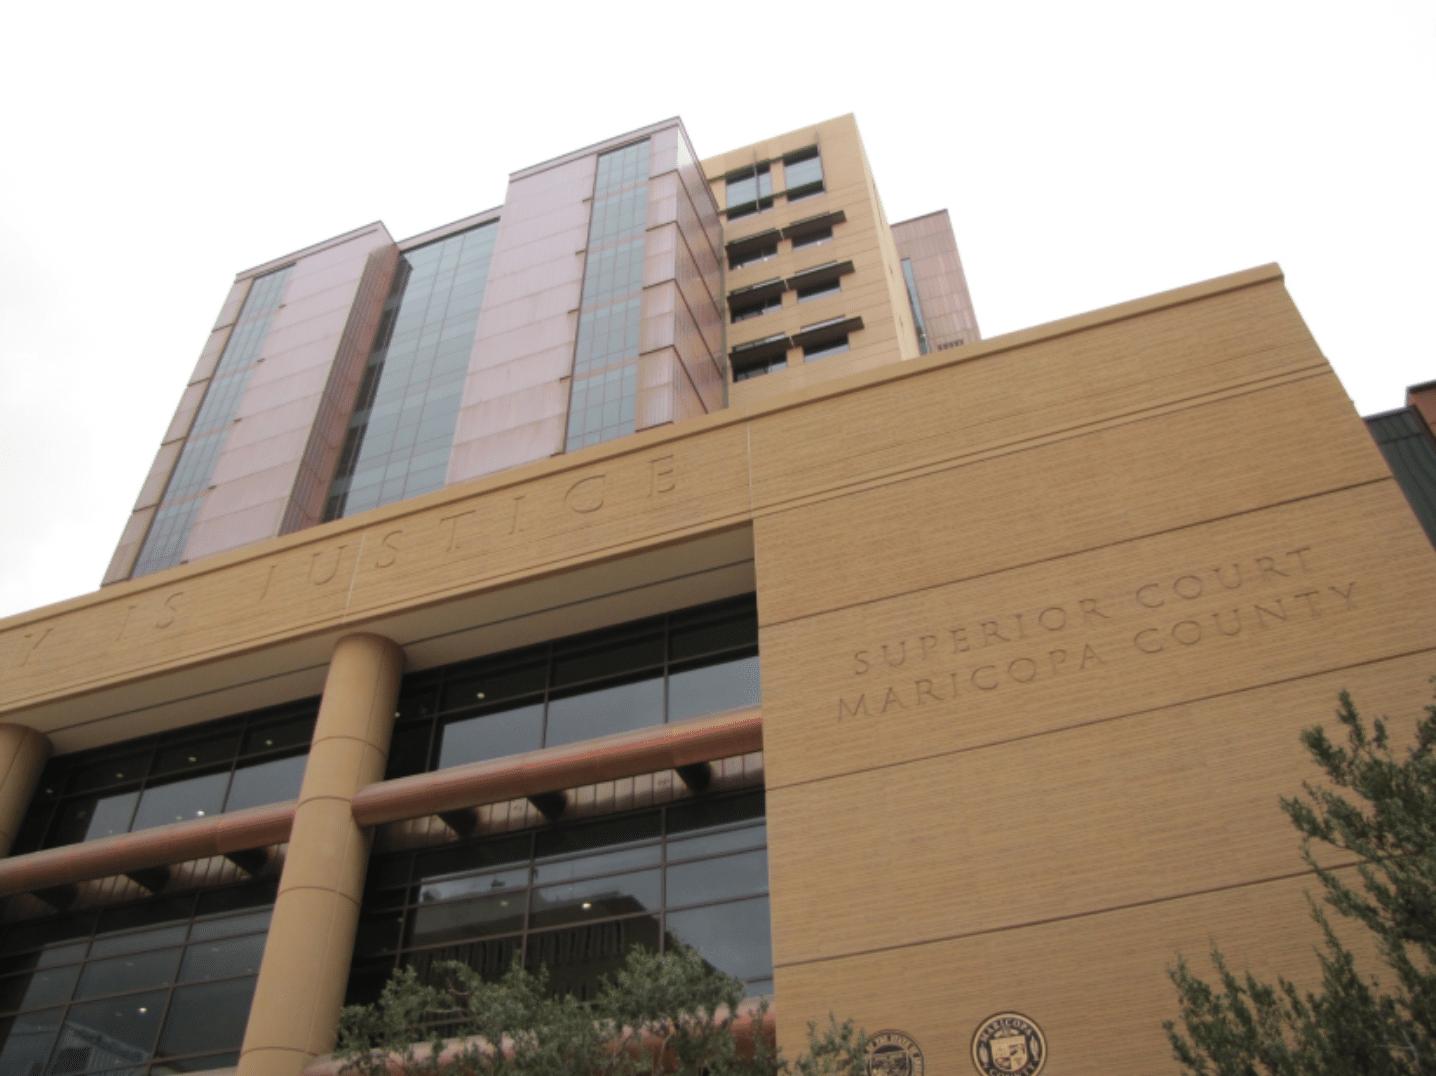 The Superior Court of Arizona Maricopa County